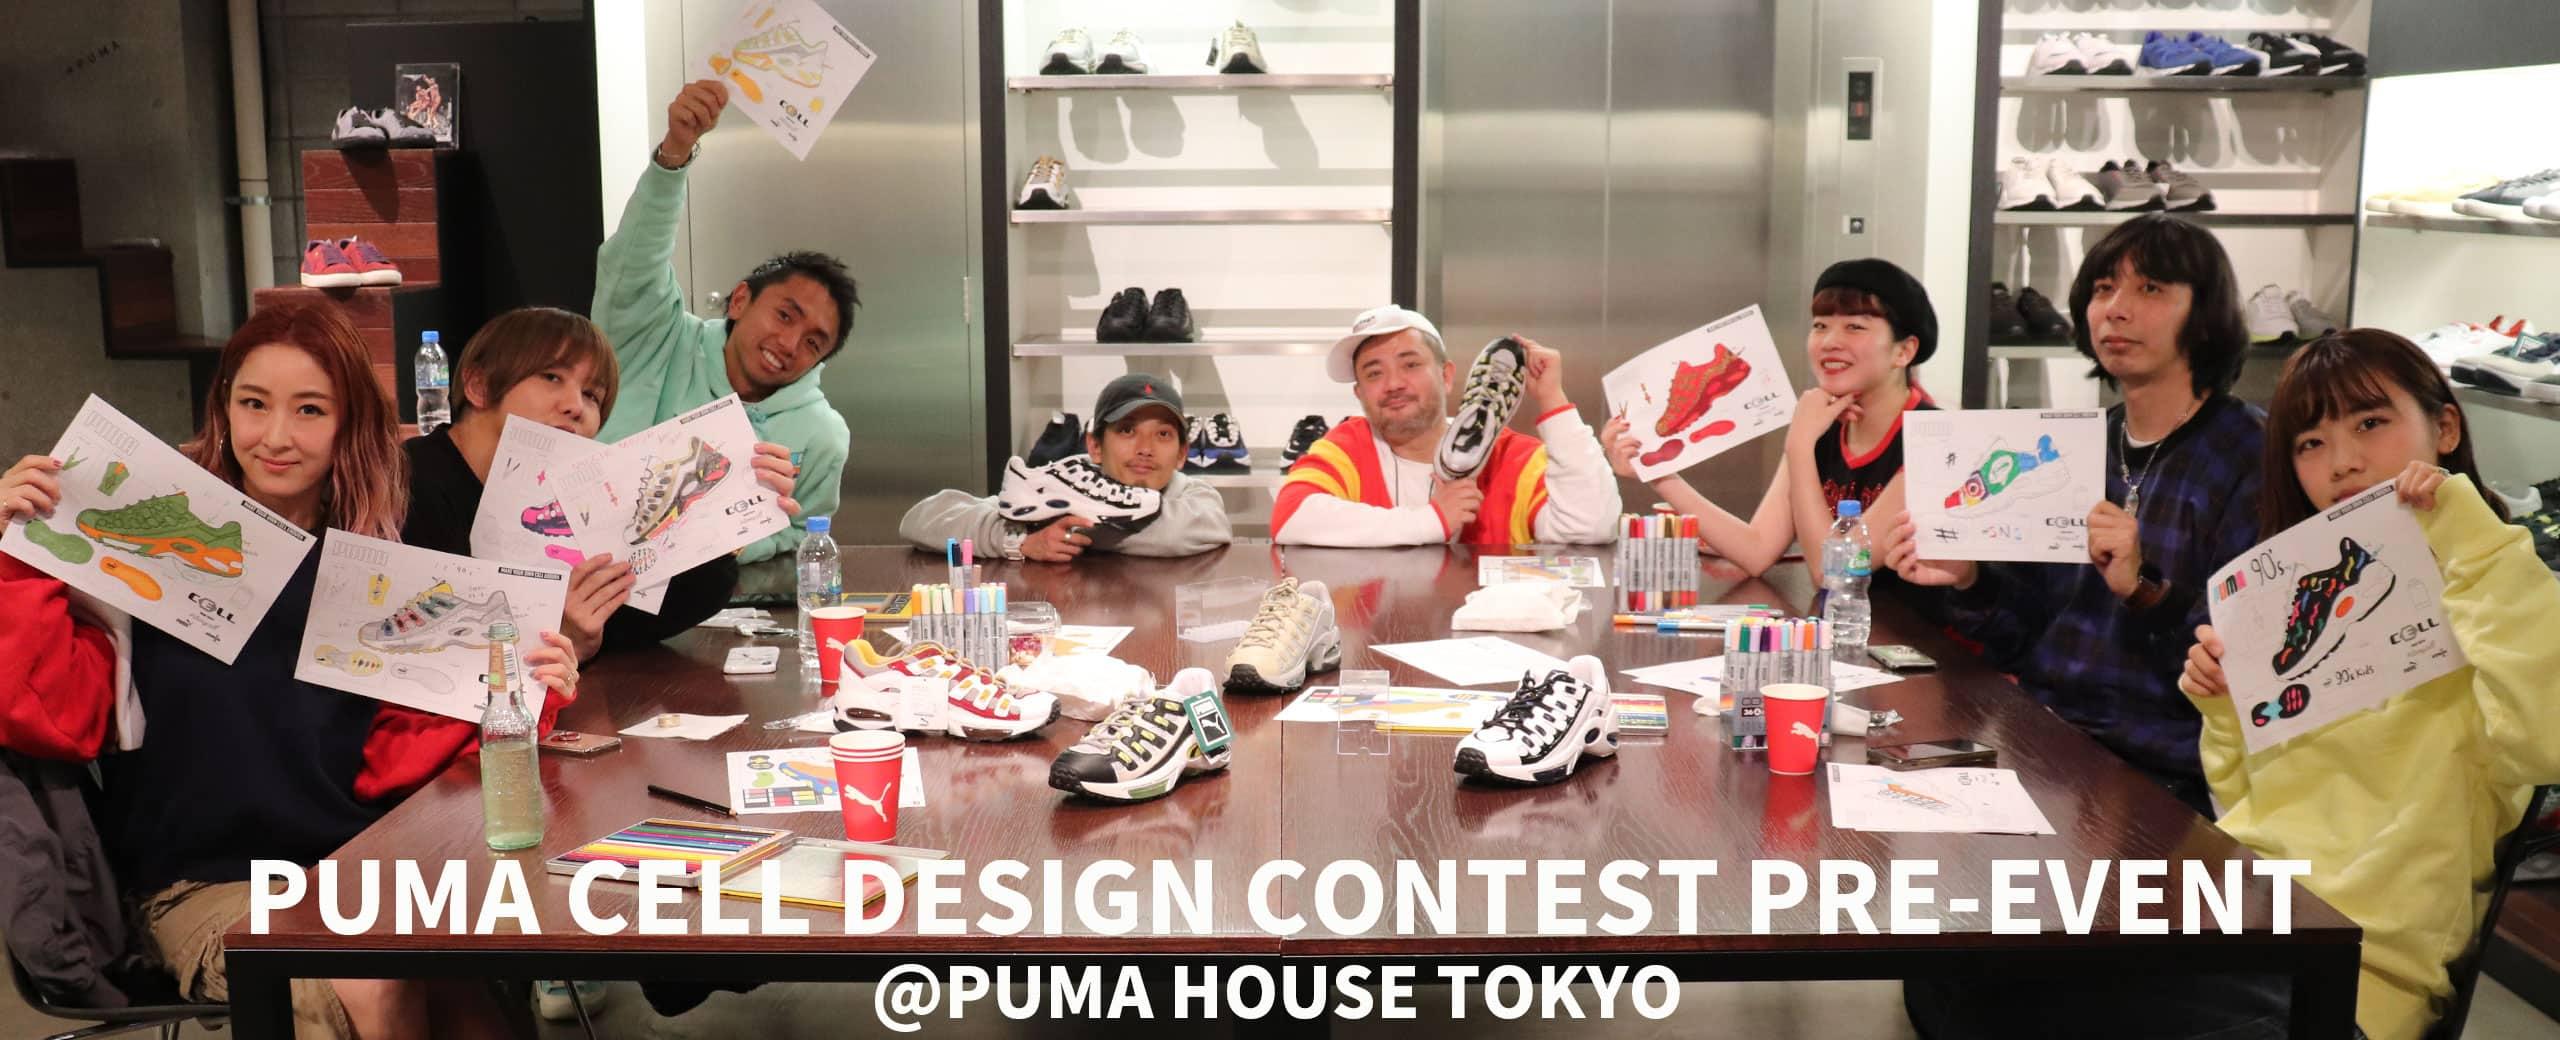 PUMA CELL DESIGN CONTEST PRE-EVENT